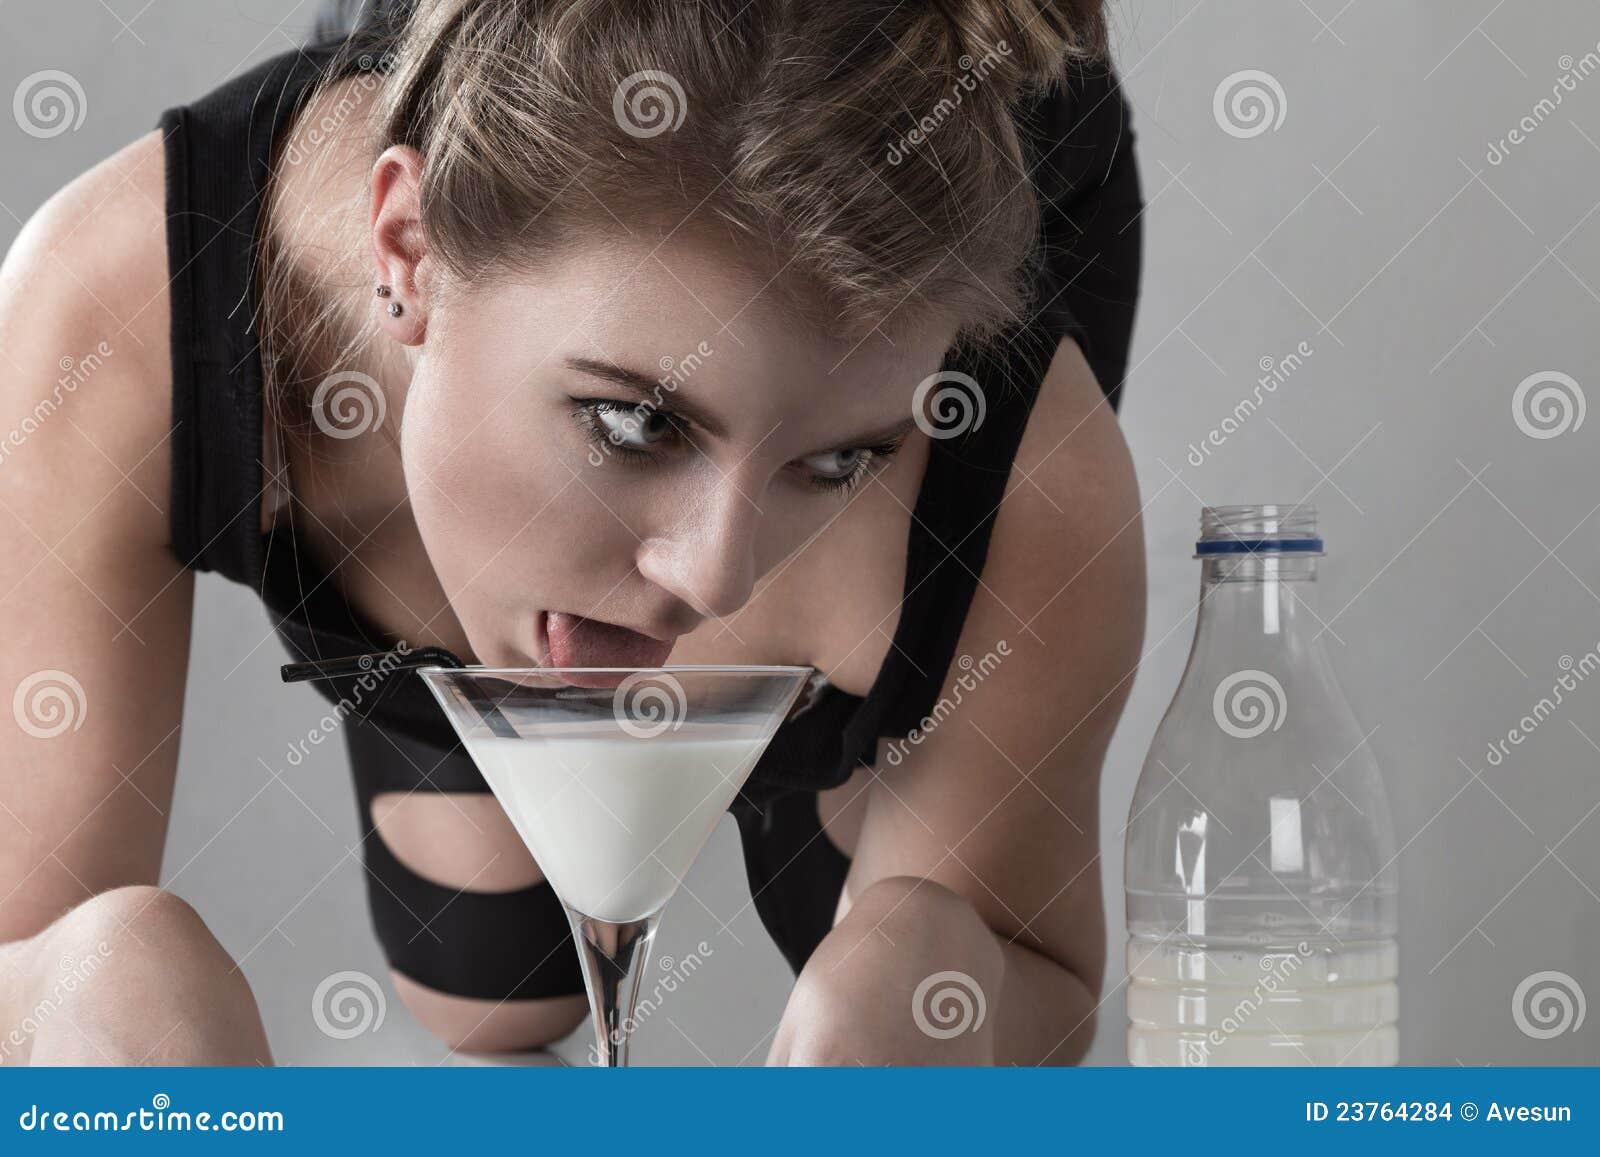 у девушки течет молоко фото